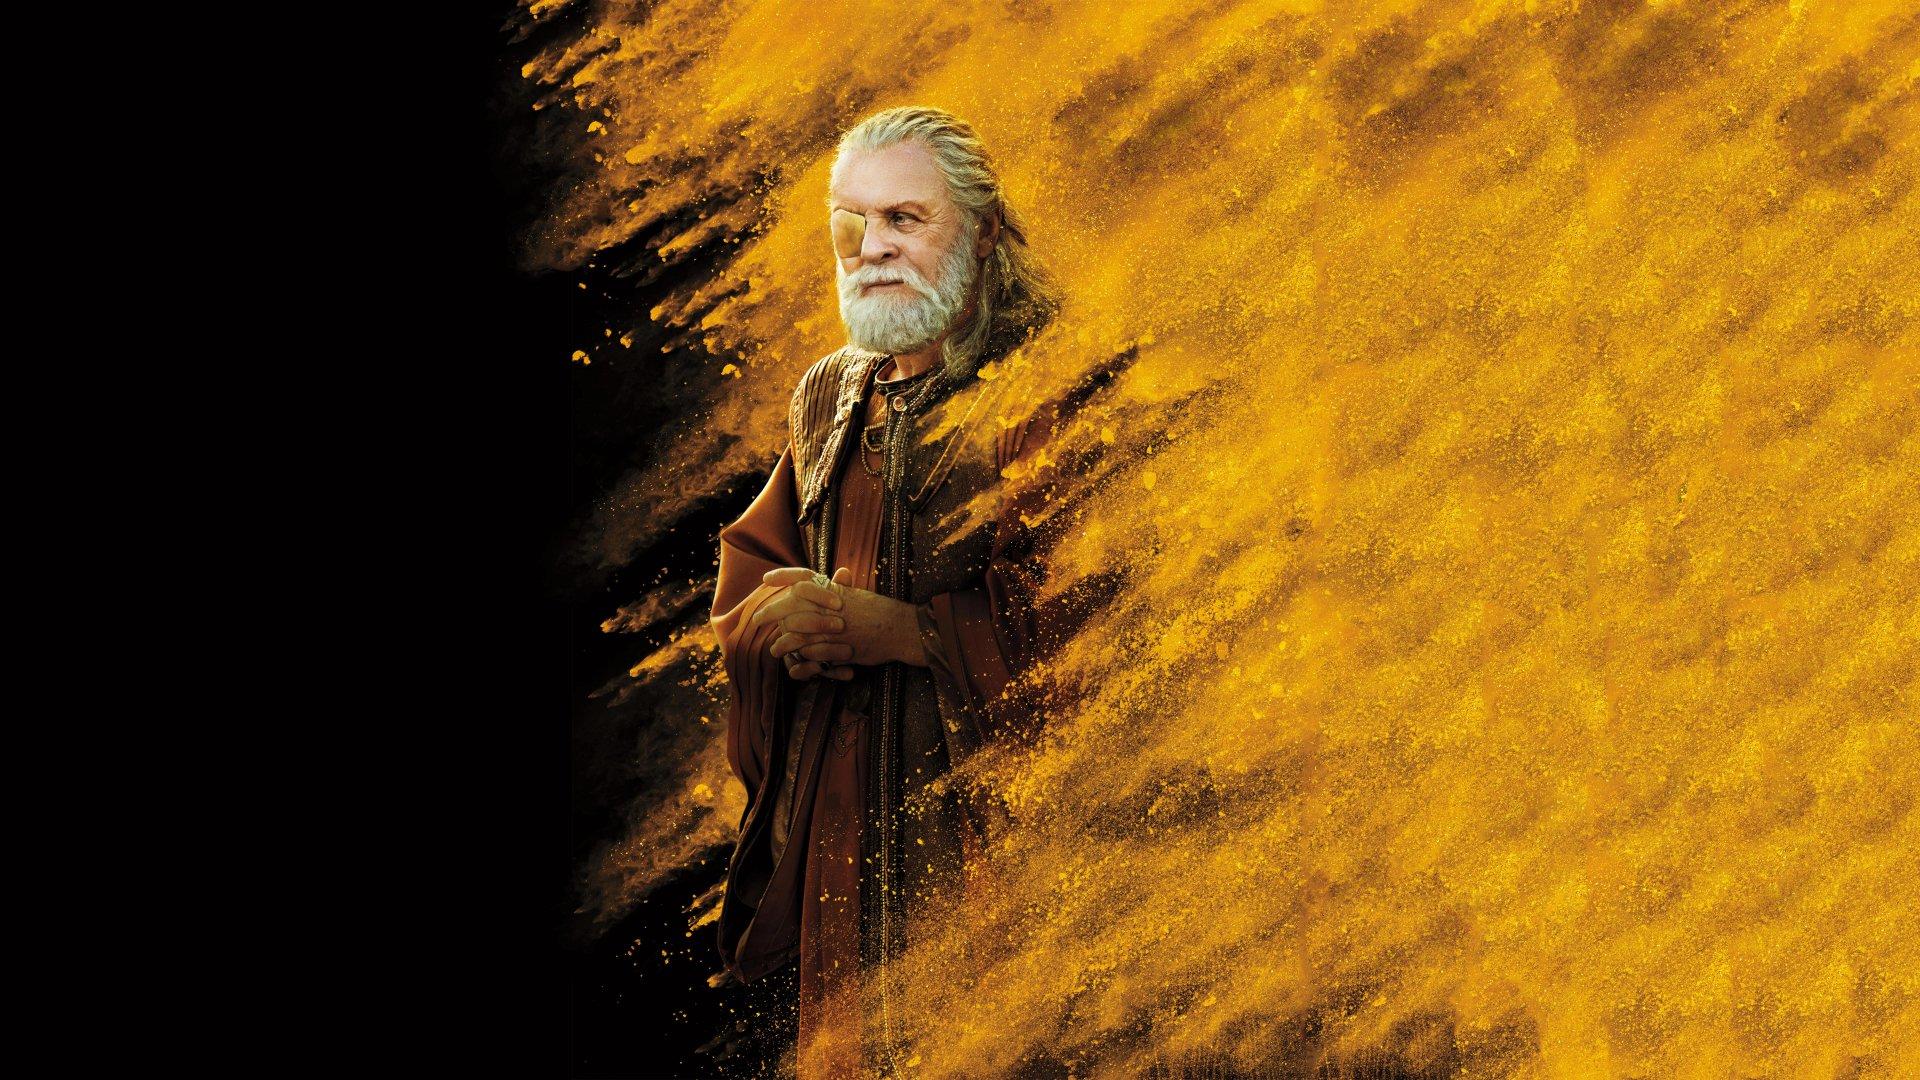 Movie - Thor: Ragnarok  Anthony Hopkins Odin Wallpaper